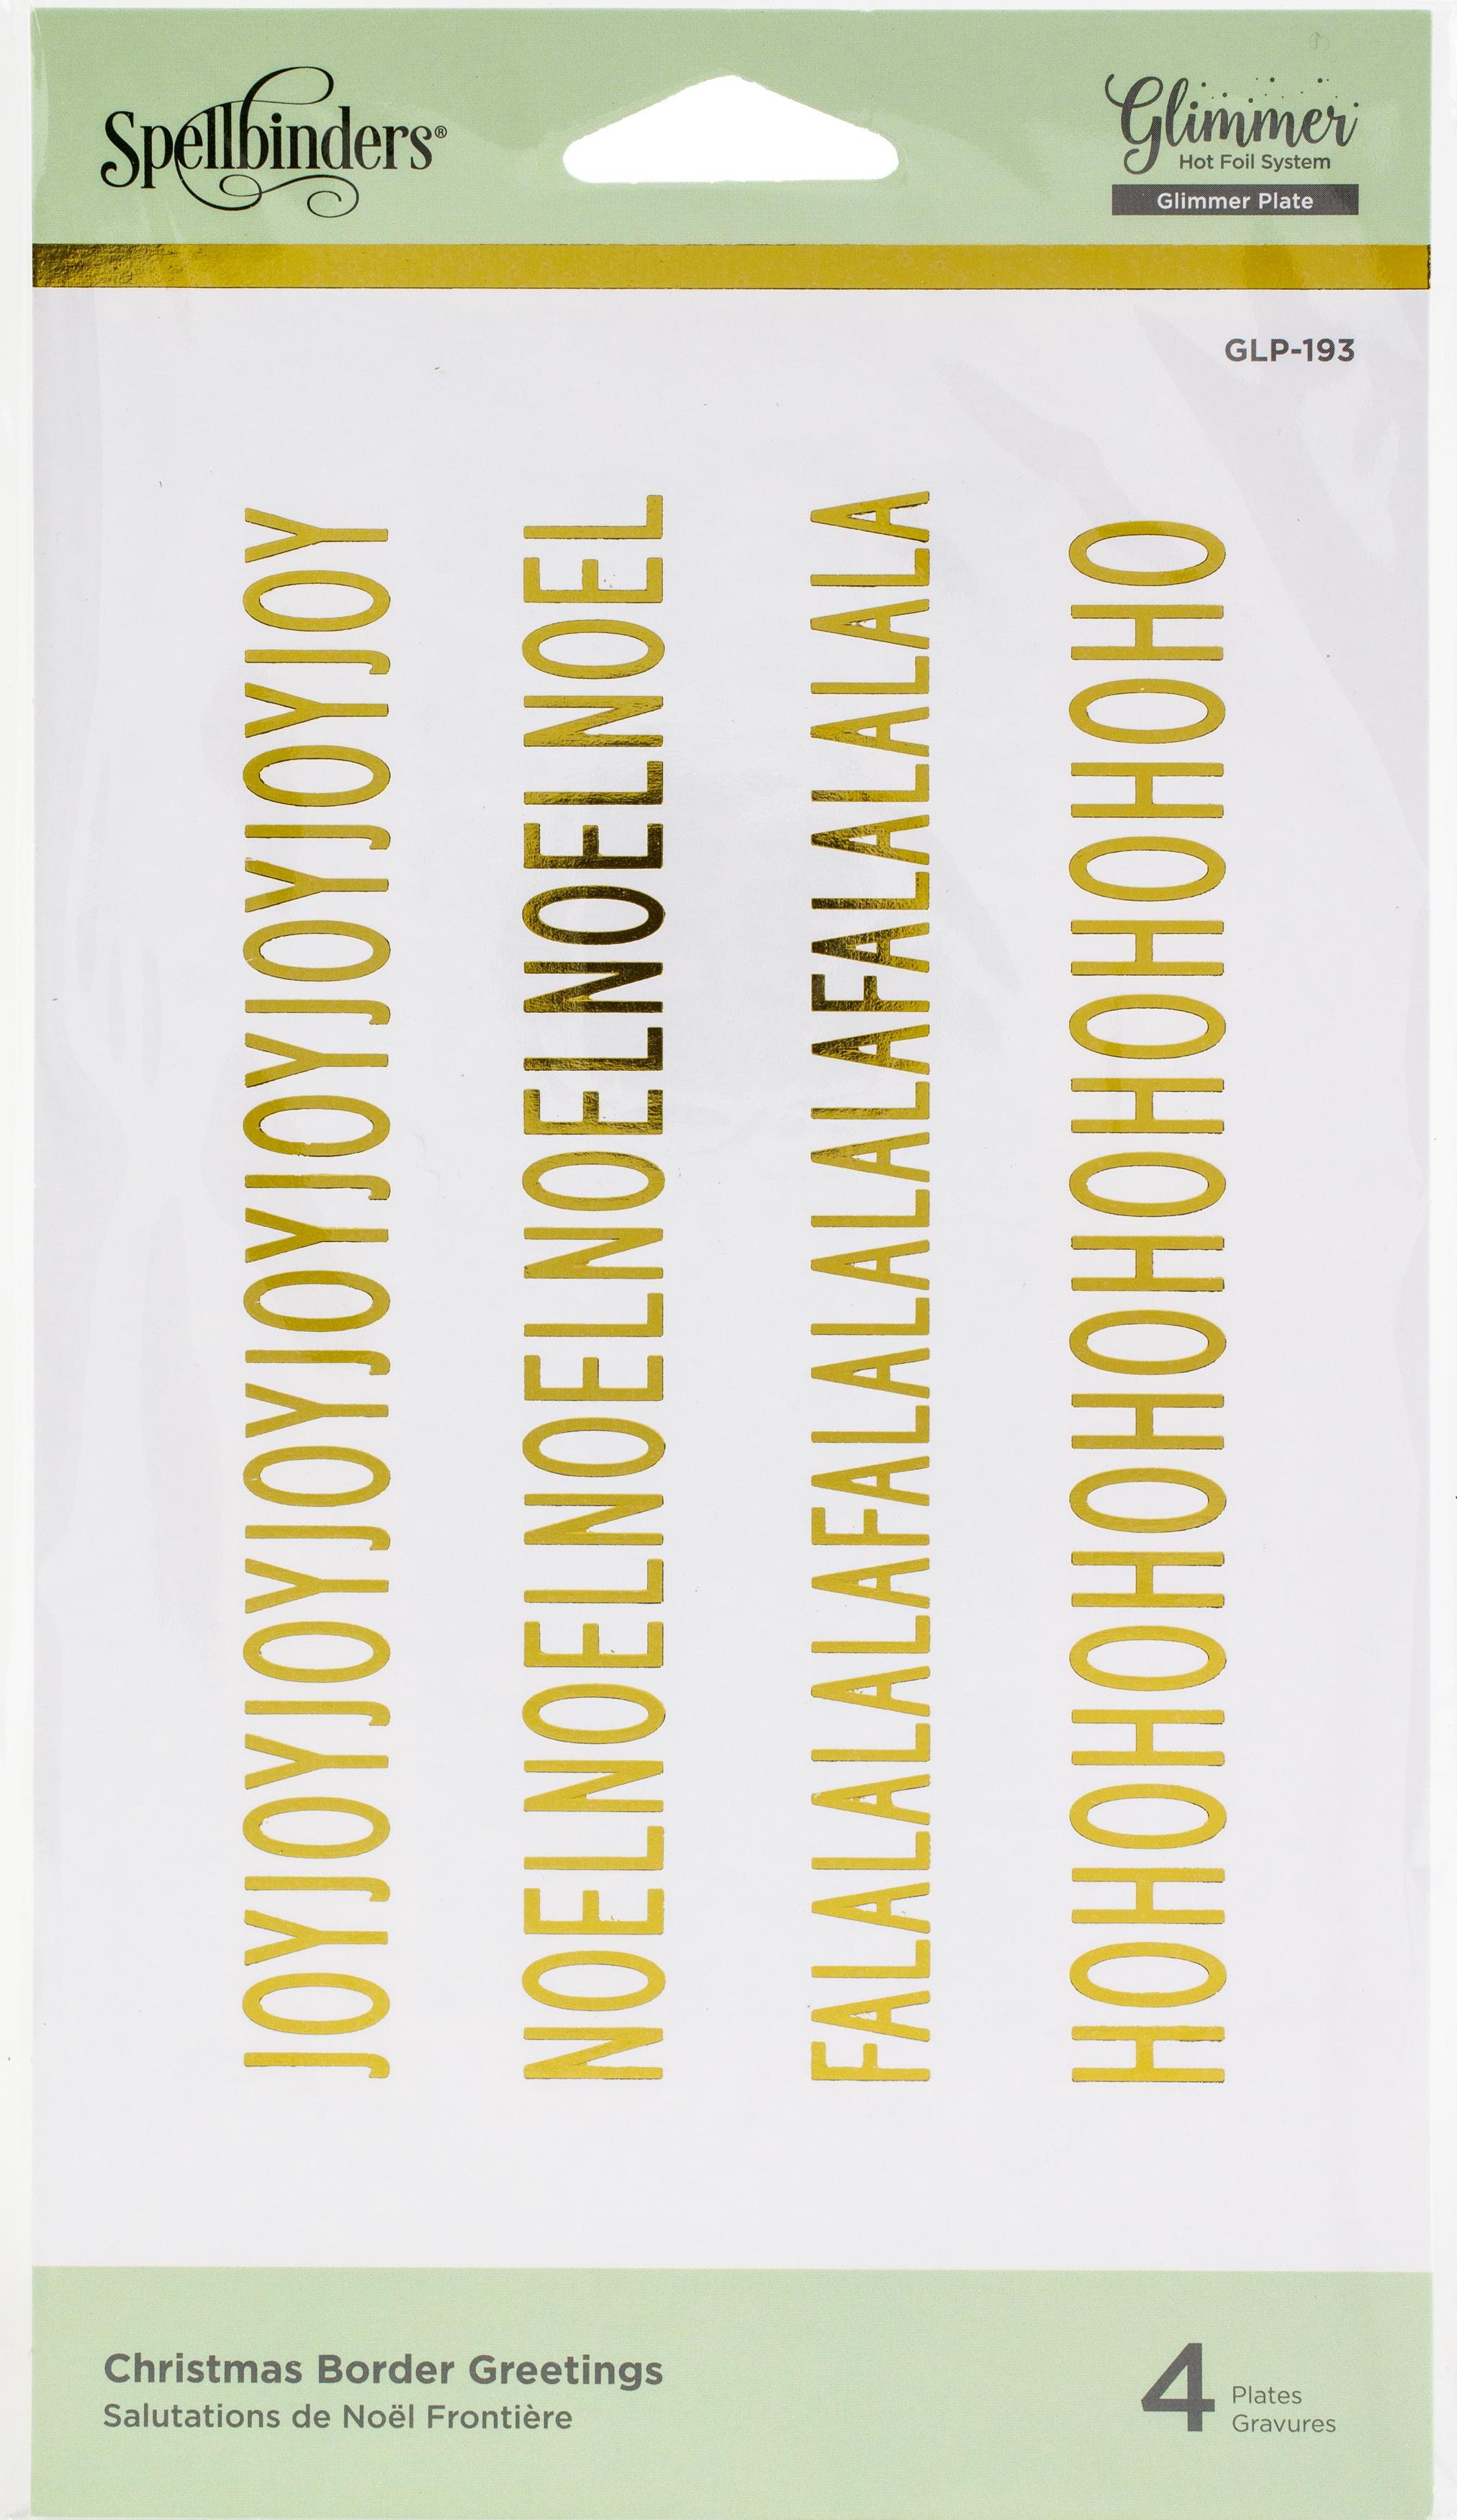 Spellbinders Glimmer Hot Foil Plate-Christmas Border Greetings